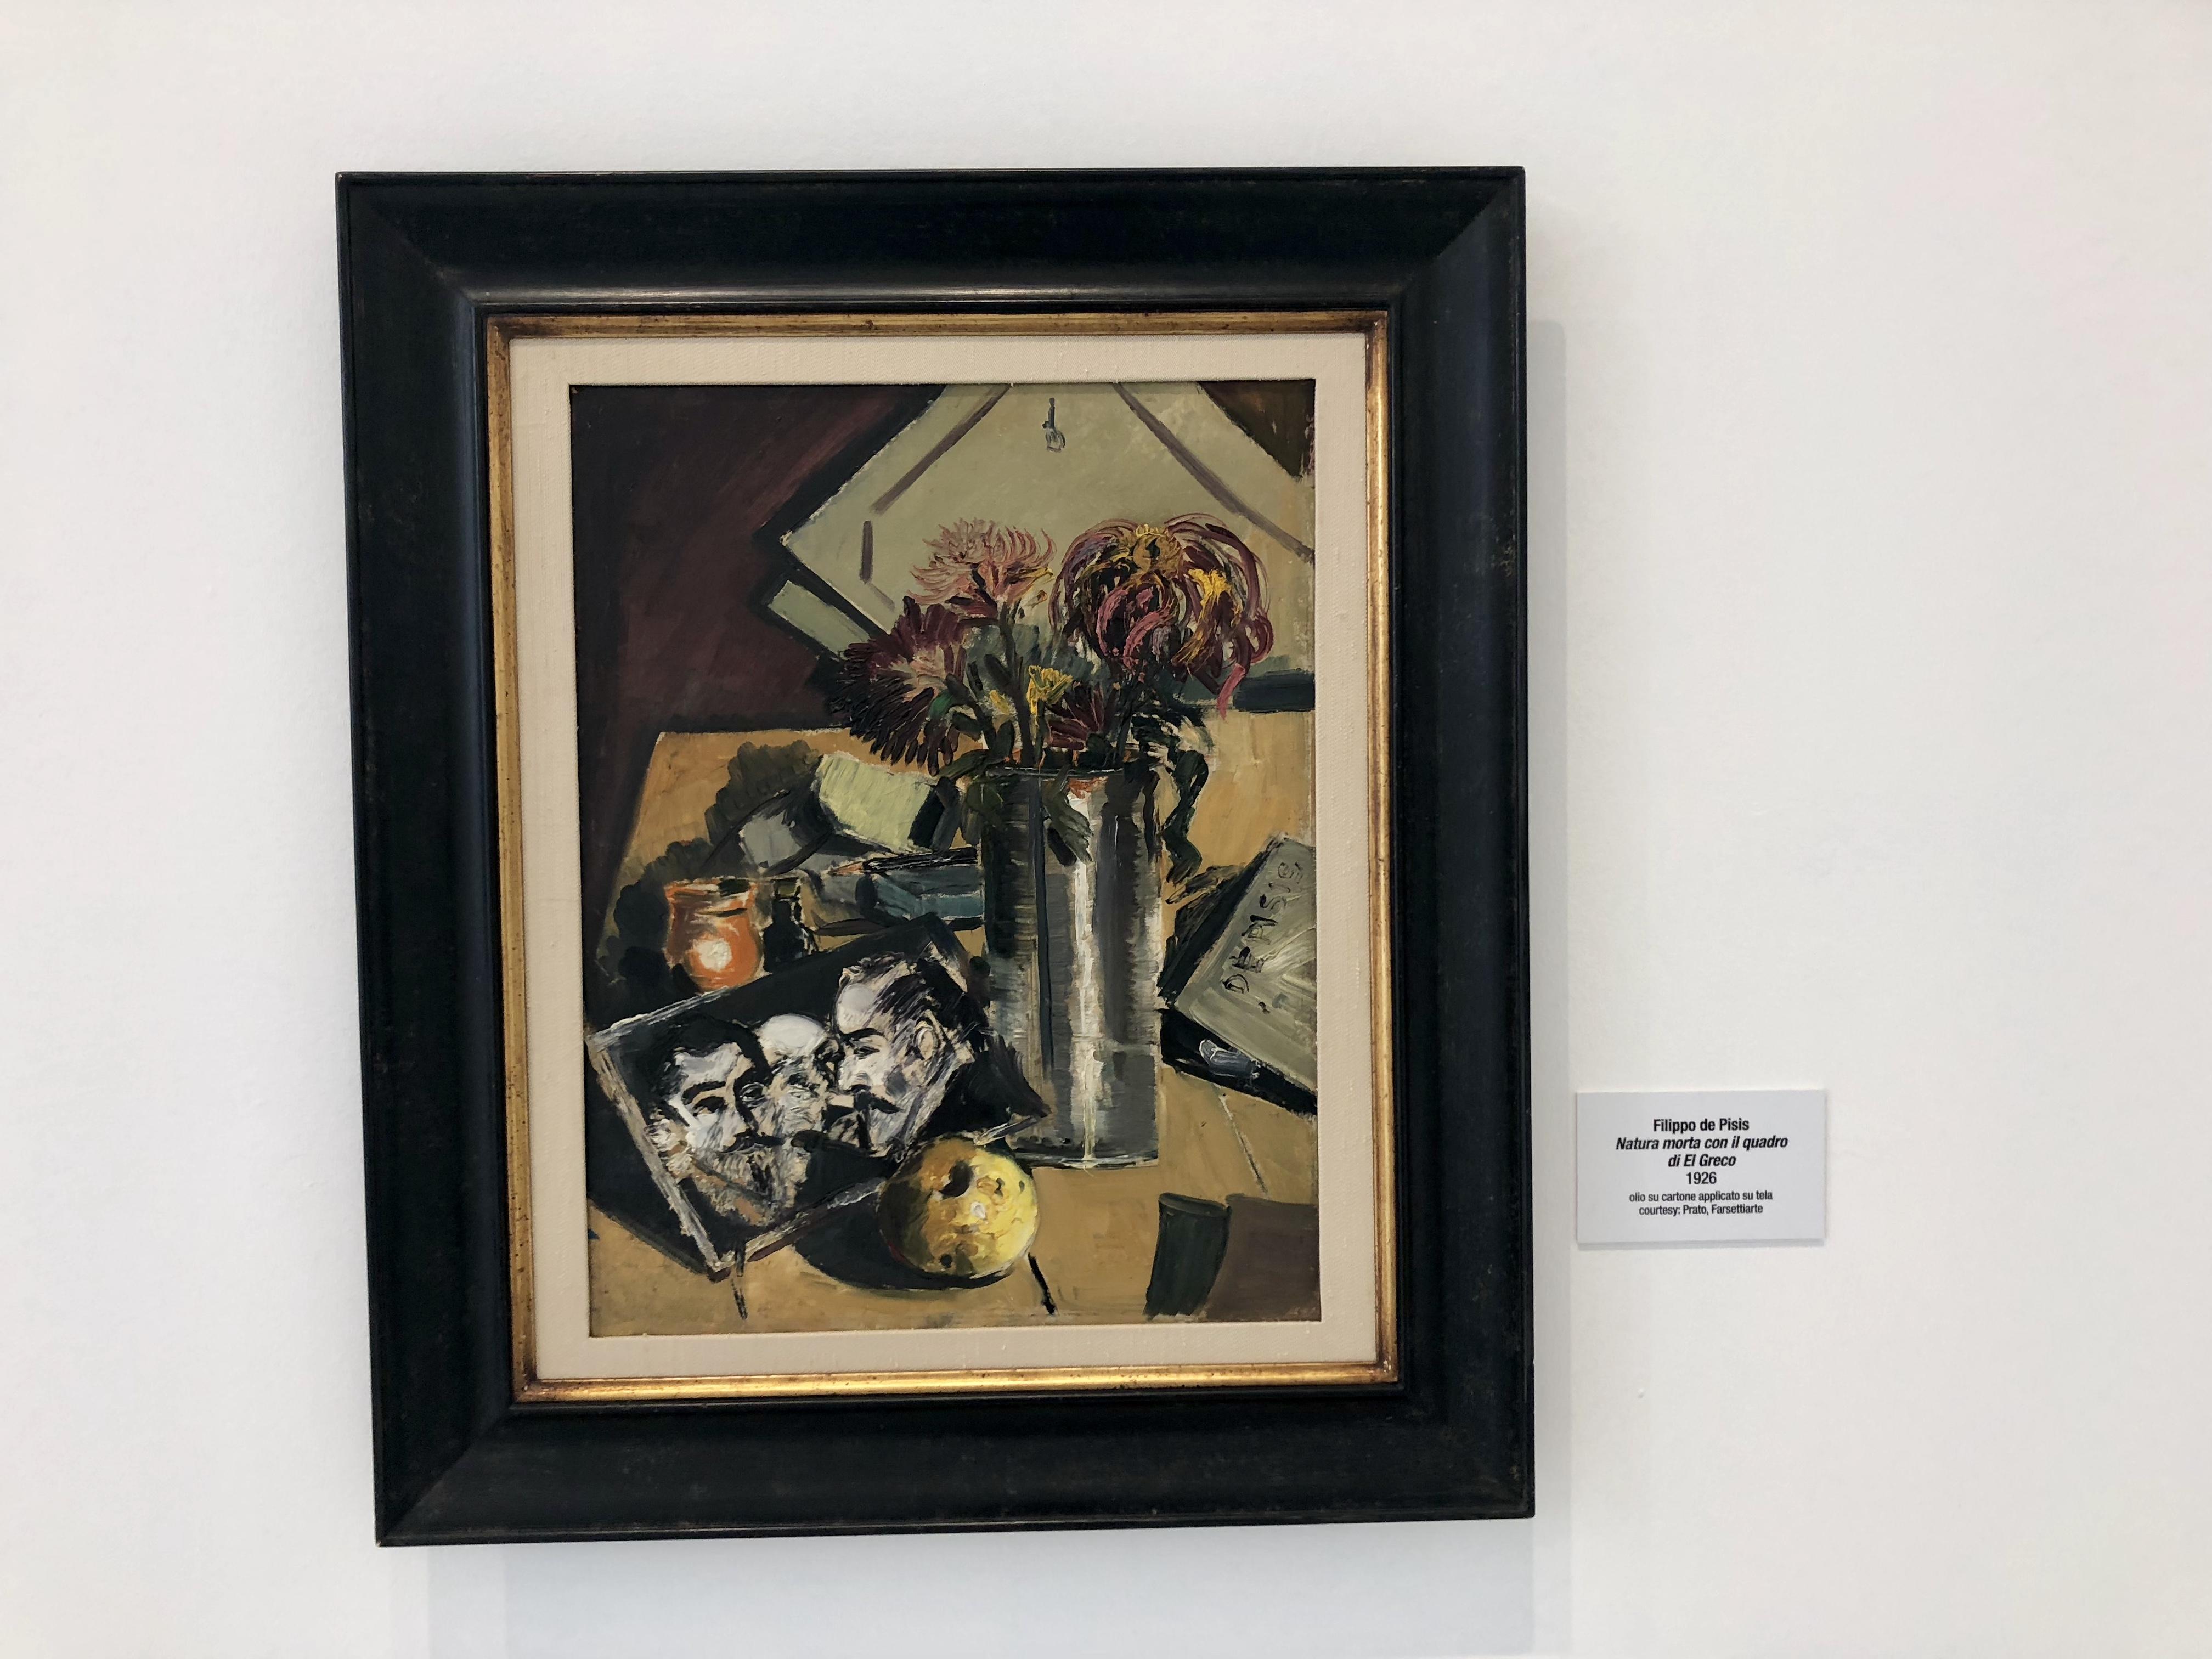 TalentiEventi_Filippo_De_Pisis_Eclettico_connoisseur_fra pittura_ musica_e_poesia_Museo_Ettore_Fico_23